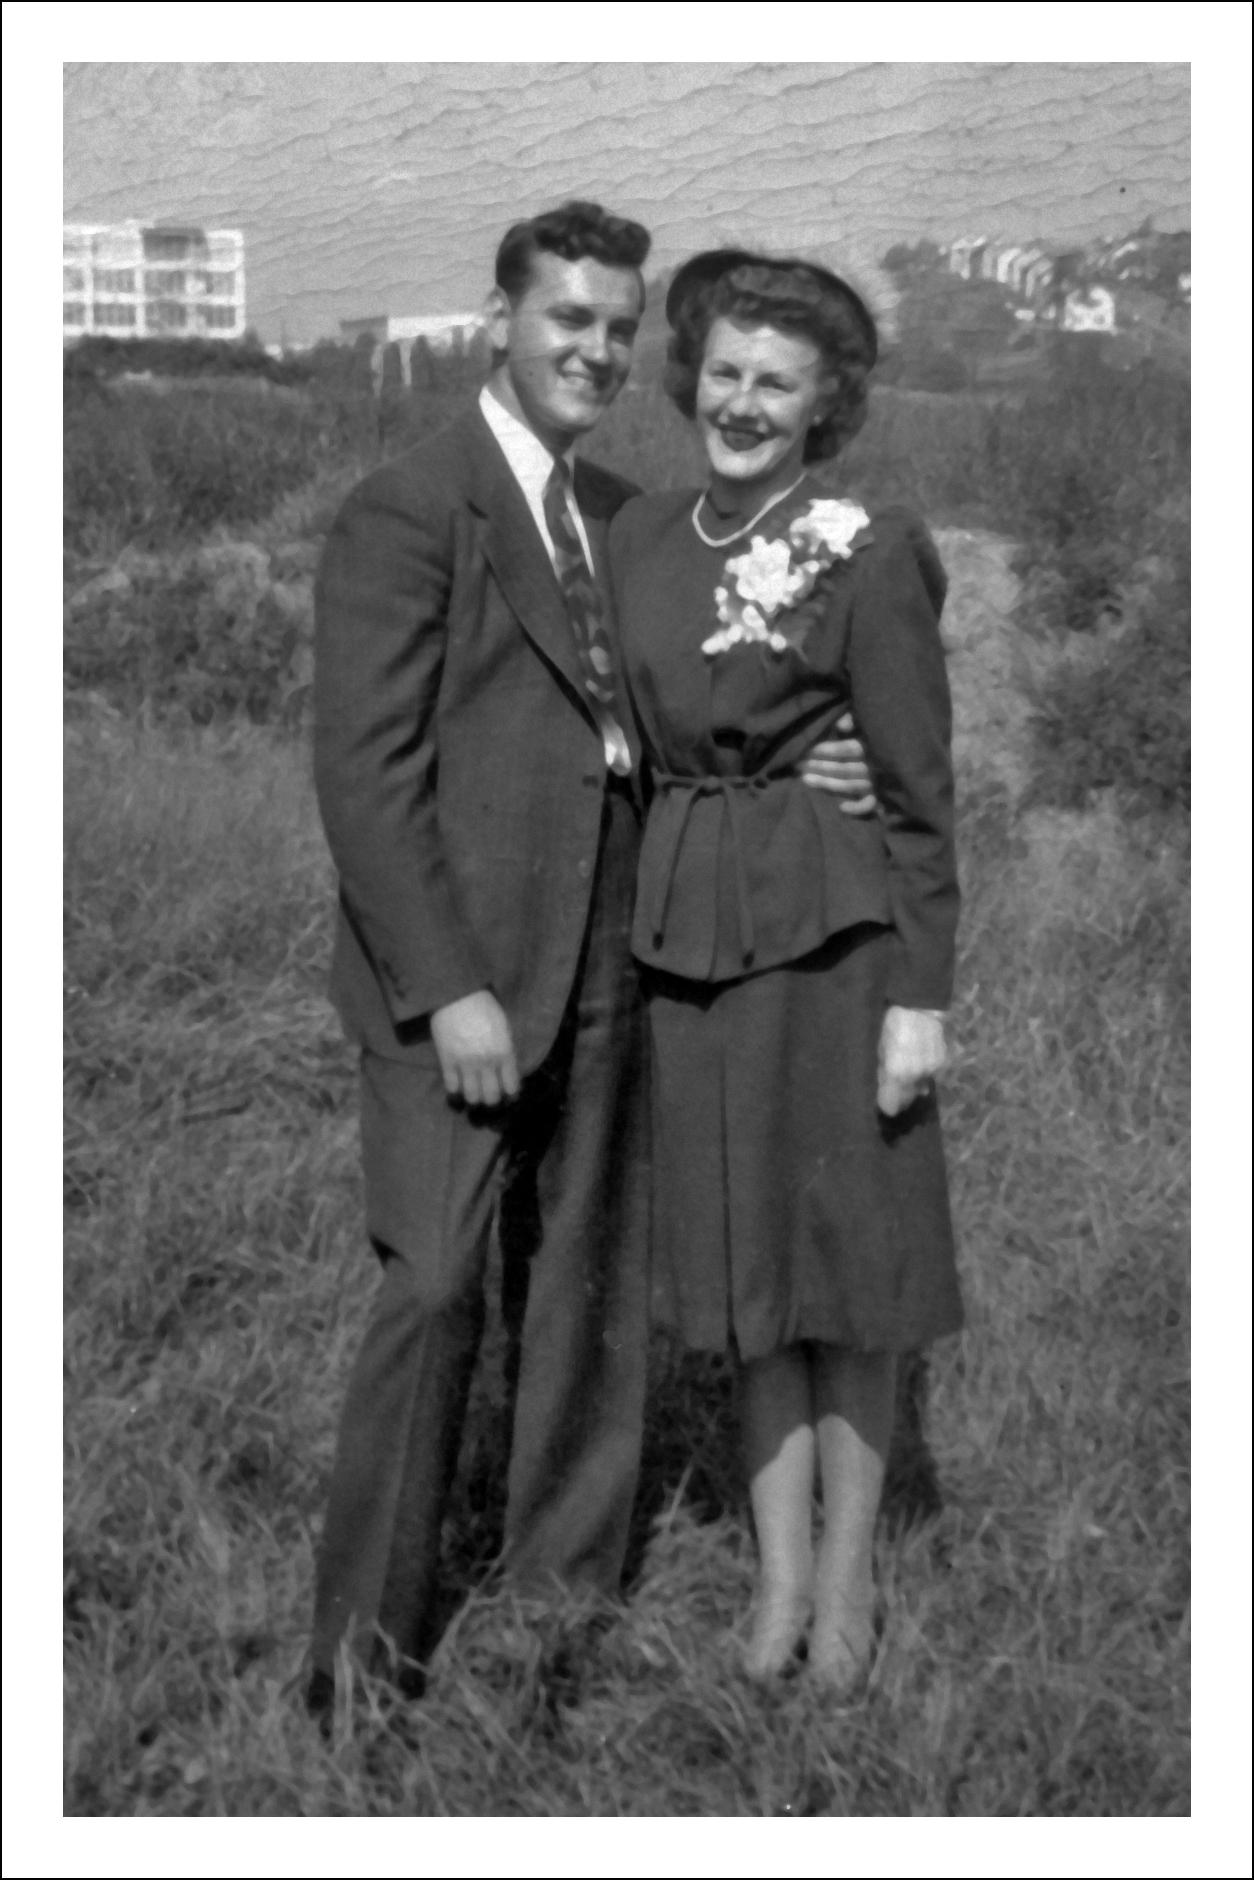 Frank Danko and Jane Niedzialkowski - 1946